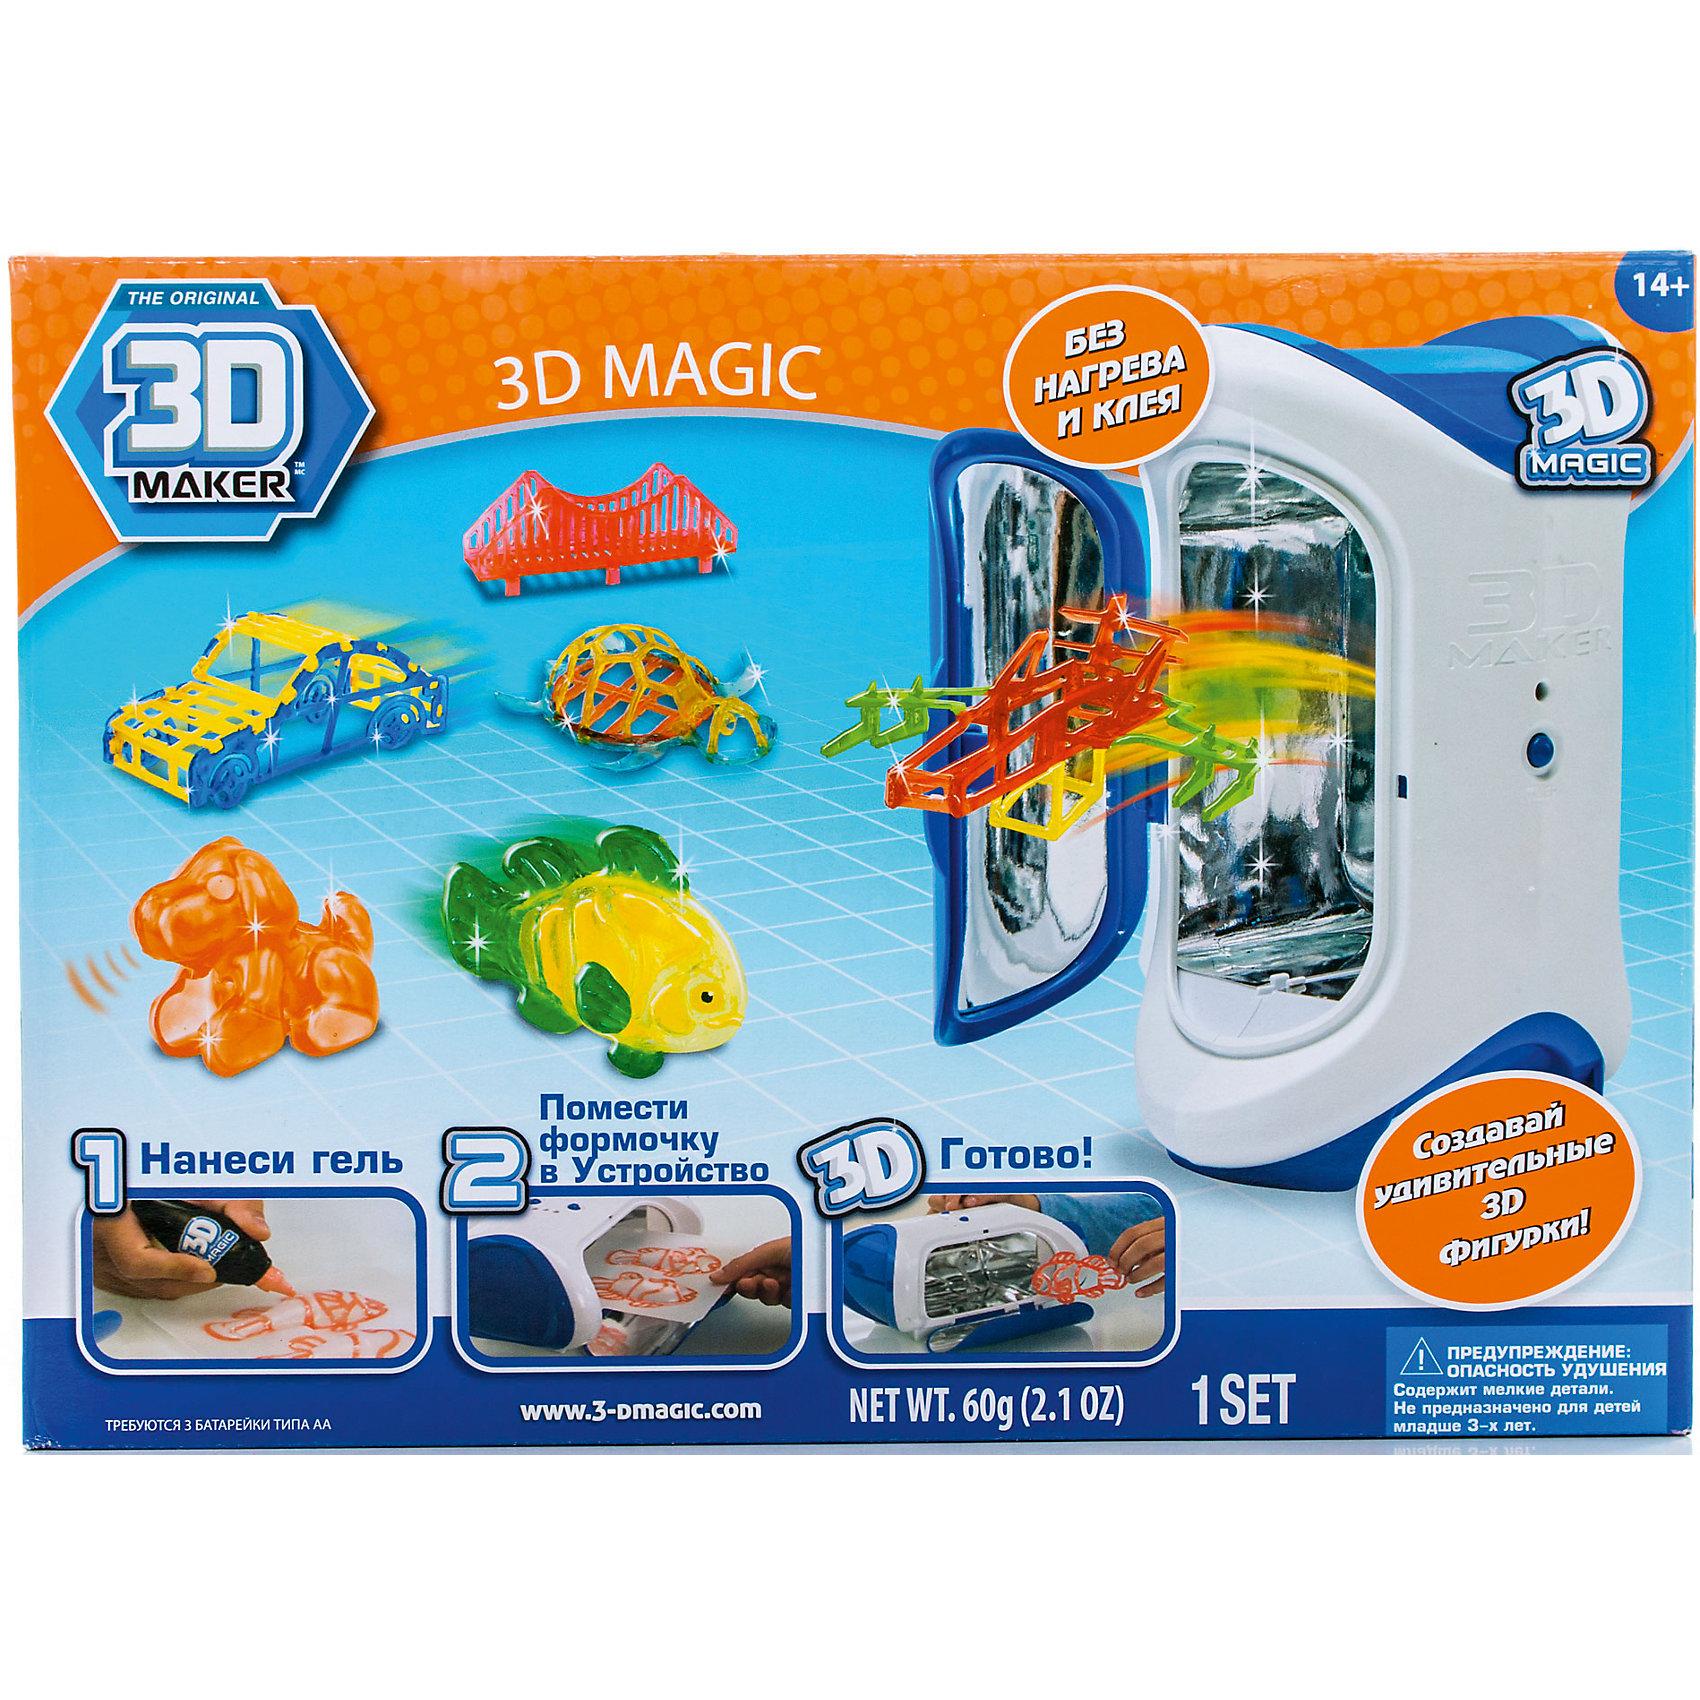 Набор 3D Magic для создания объемных моделей 3D Maker3D-ручки<br>Характеристики товара:<br><br>• материал: пластик<br>• вес: 900 г<br>• размер упаковки: 36х26х13 см<br>• комплектация: 3D Magic Maker (устройство с ультрафиолетовой лампой), 3 тюбика с гелем (красный, оранжевый, зеленый), 3 формочки, 3 трафарета, 2 дополнительных трафарета для свободного моделирования, инструкция<br>• батарейки: 3хAA/LR61.5V(пальчиковые) <br>• упаковка: коробка<br>• на русском языке<br><br>3D-моделирование - это современный и очень увлекательный вид творчества! С помощью него можно создать множество различных фигурок. Этот набор - качественный и удобный, который поможет ребенку выразить свои творческие способности. Объемная фигурка получается из безопасного материала, очень красиво смотрится. В наборе есть специальные трафареты.<br>В комплект входит всё необходимое, чтобы сразу приступить к созданию объемных фигур! Изделие произведено из качественных и безопасных для ребенка материалов. Работа с таким набором помогает развить мышление ребенка, аккуратность, внимательность, мелкую моторику и воображение. Полезный и развивающий подарок!<br><br>Набор 3D Magic для создания объемных моделей 3D Maker можно купить в нашем интернет-магазине.<br><br>Ширина мм: 360<br>Глубина мм: 260<br>Высота мм: 130<br>Вес г: 900<br>Возраст от месяцев: 72<br>Возраст до месяцев: 120<br>Пол: Унисекс<br>Возраст: Детский<br>SKU: 5230671